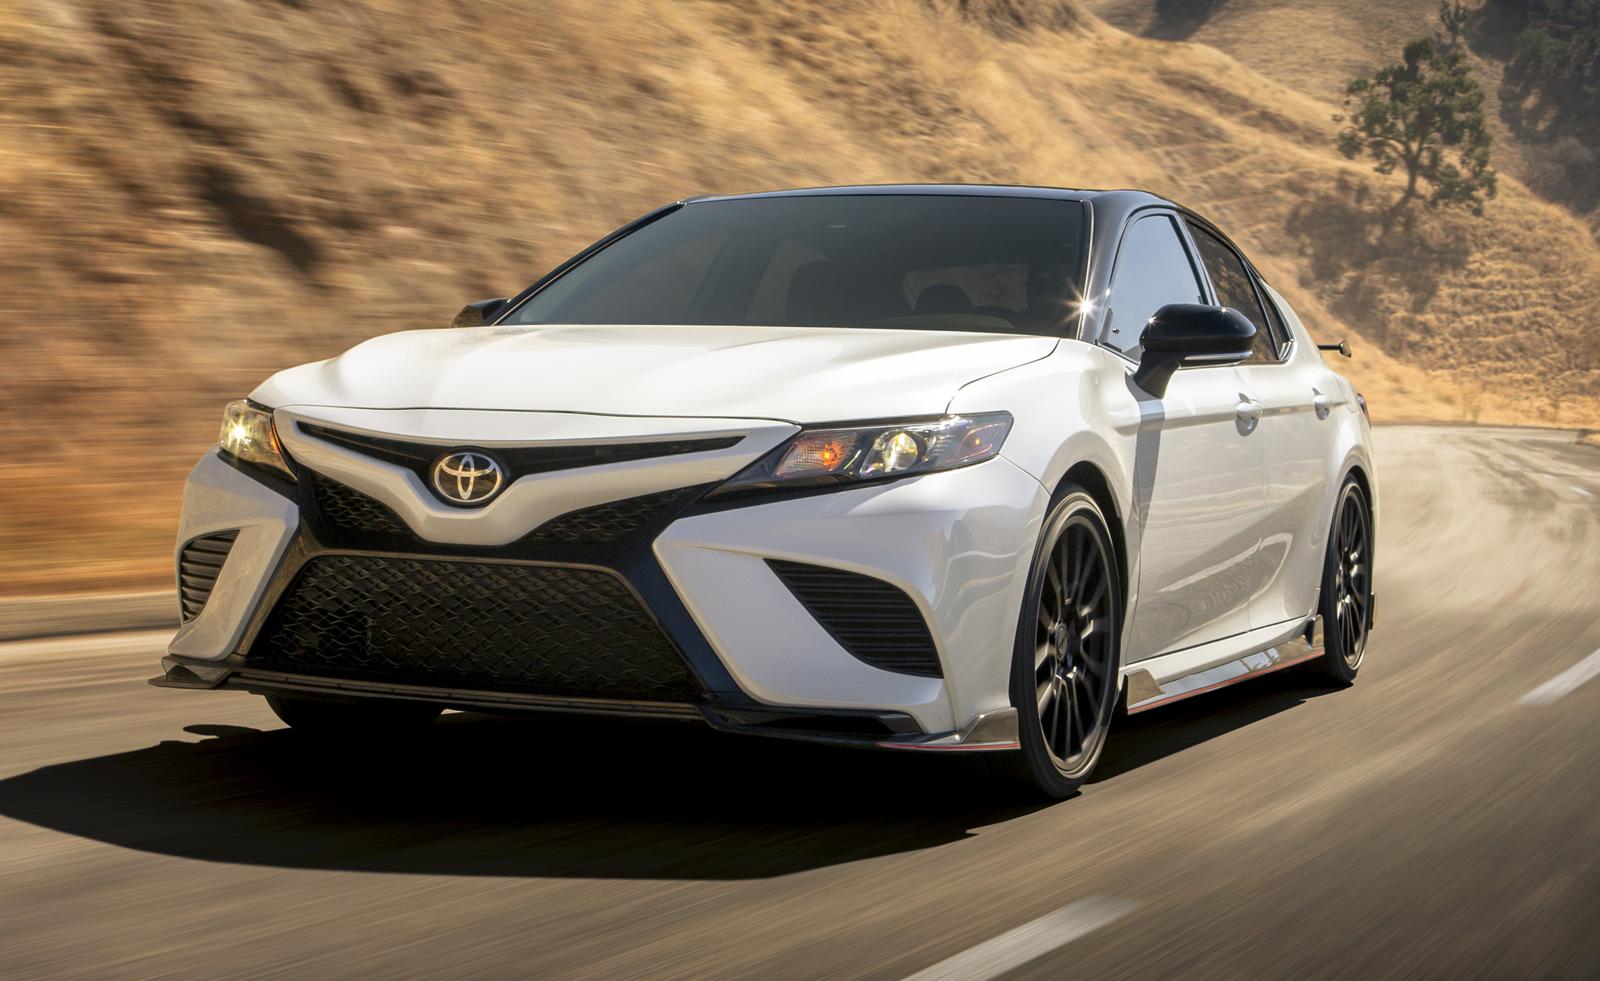 Toyota Camry 2020 получила тюнингованную версию